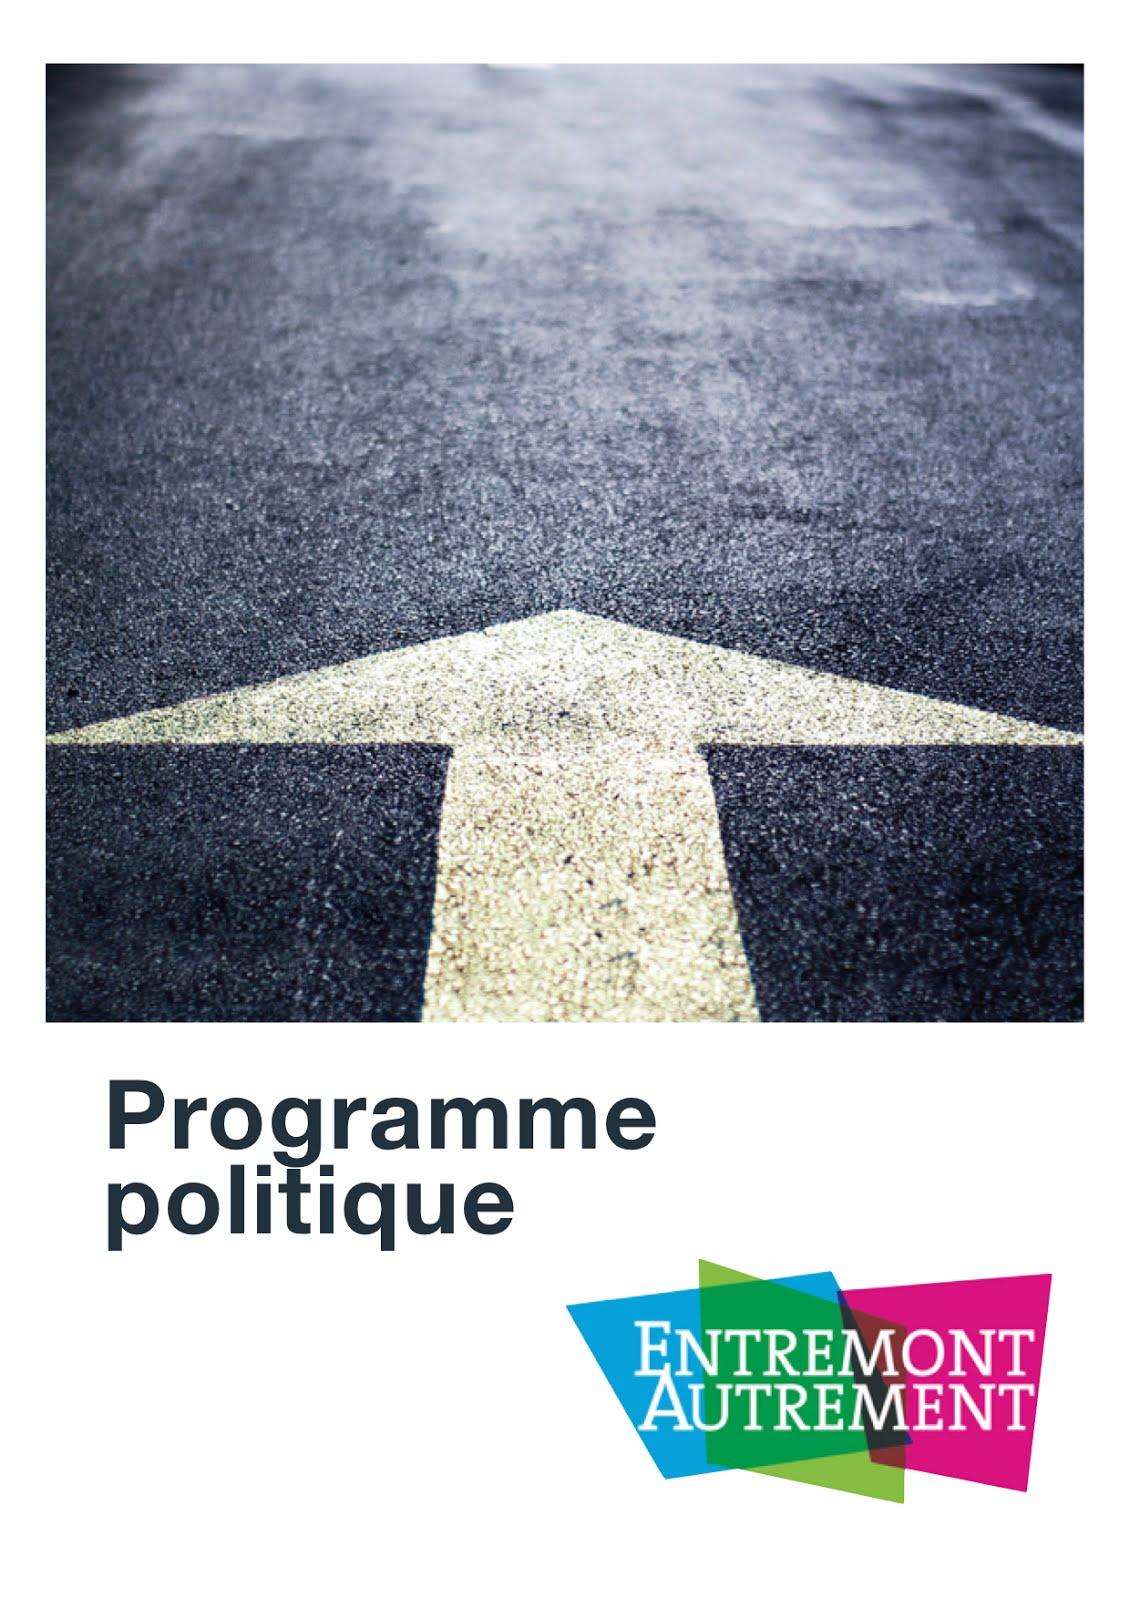 Programme politique